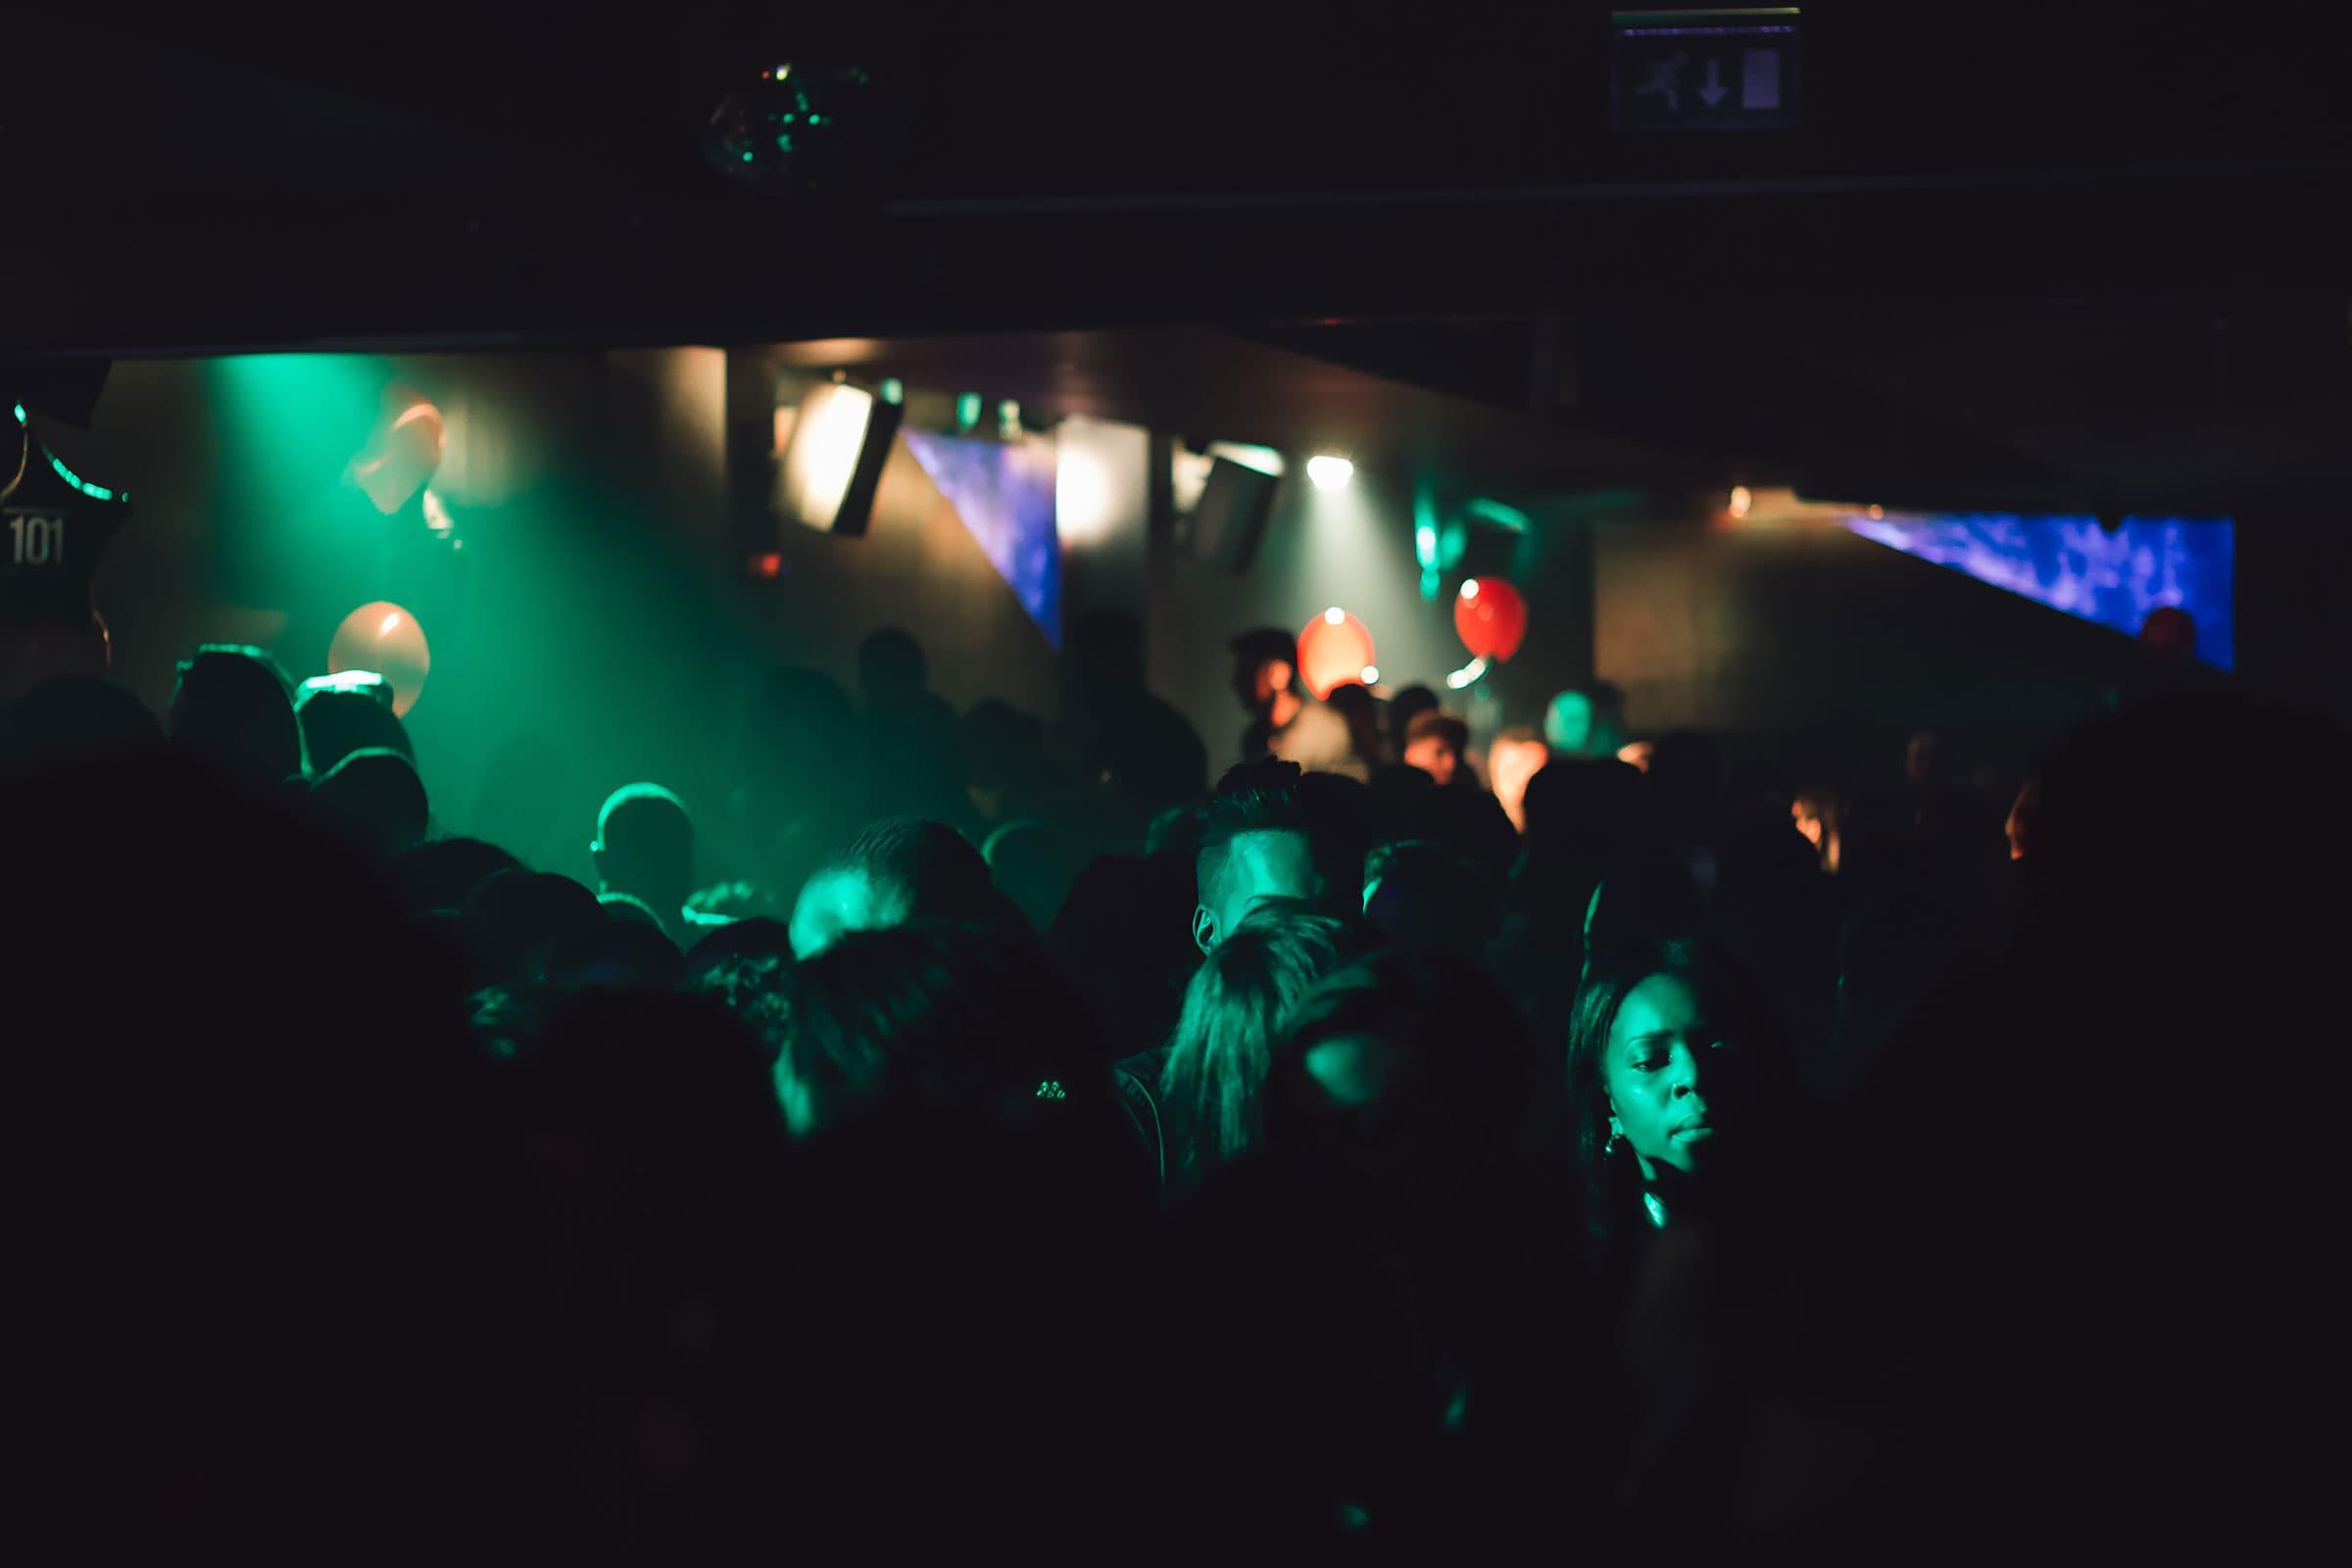 nattklubb chatt stort bröst i Stockholm